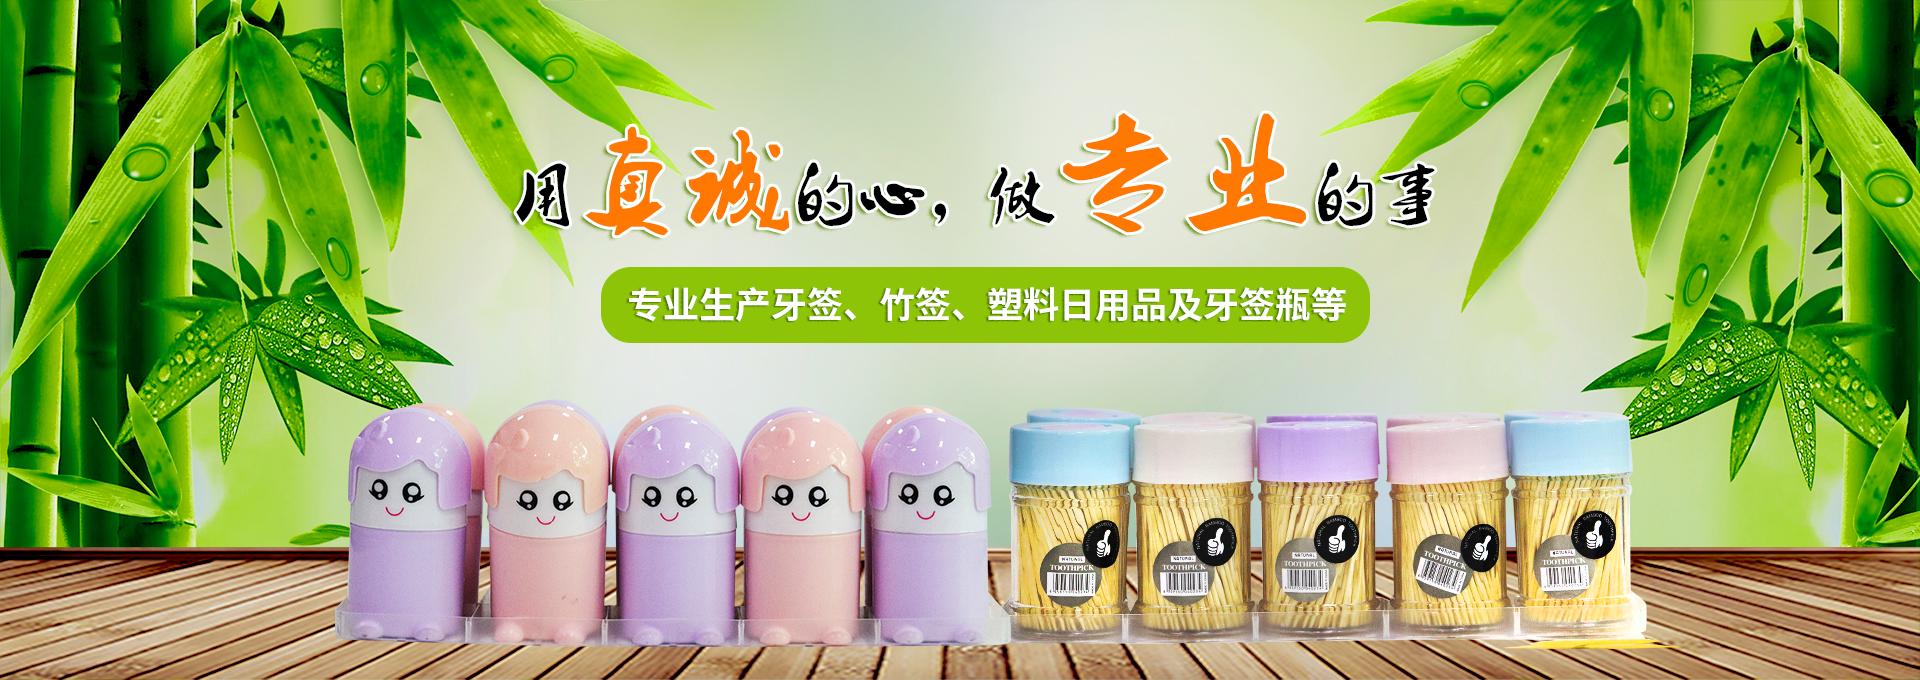 专业生产牙签、竹签、塑料日用品及牙签瓶等